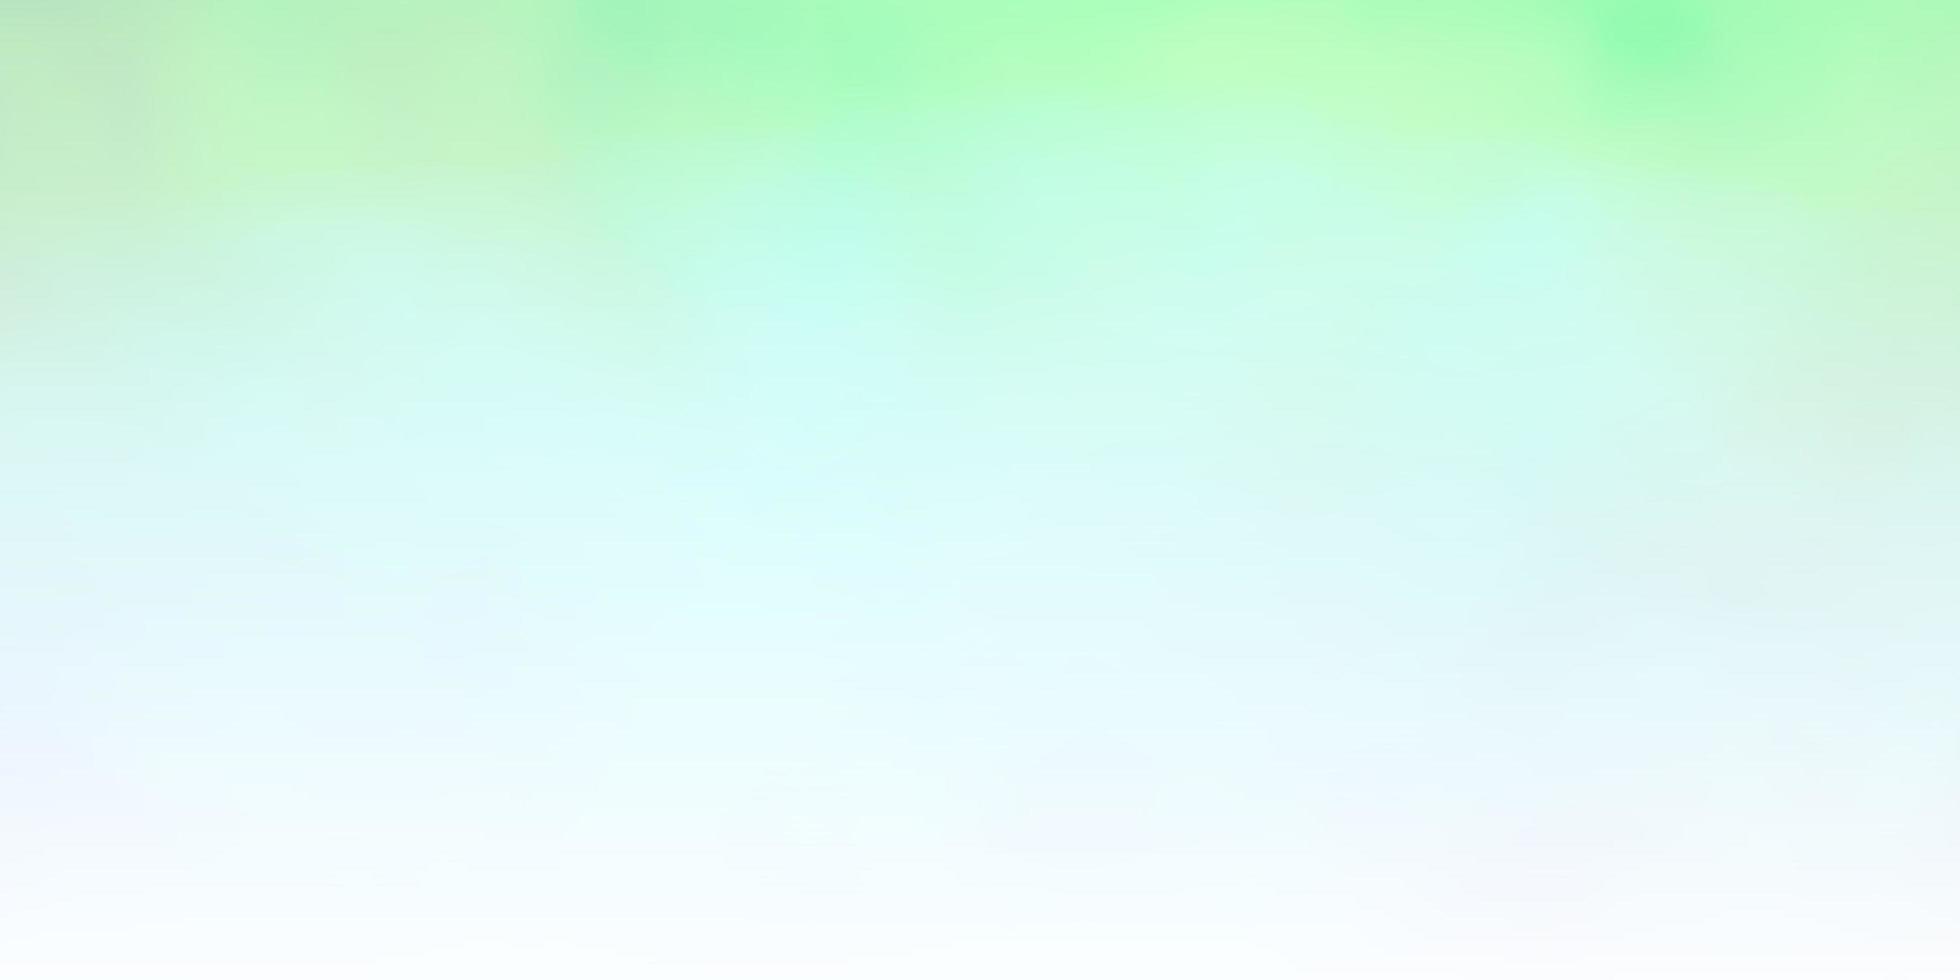 plantilla verde claro con cielo, nubes. vector